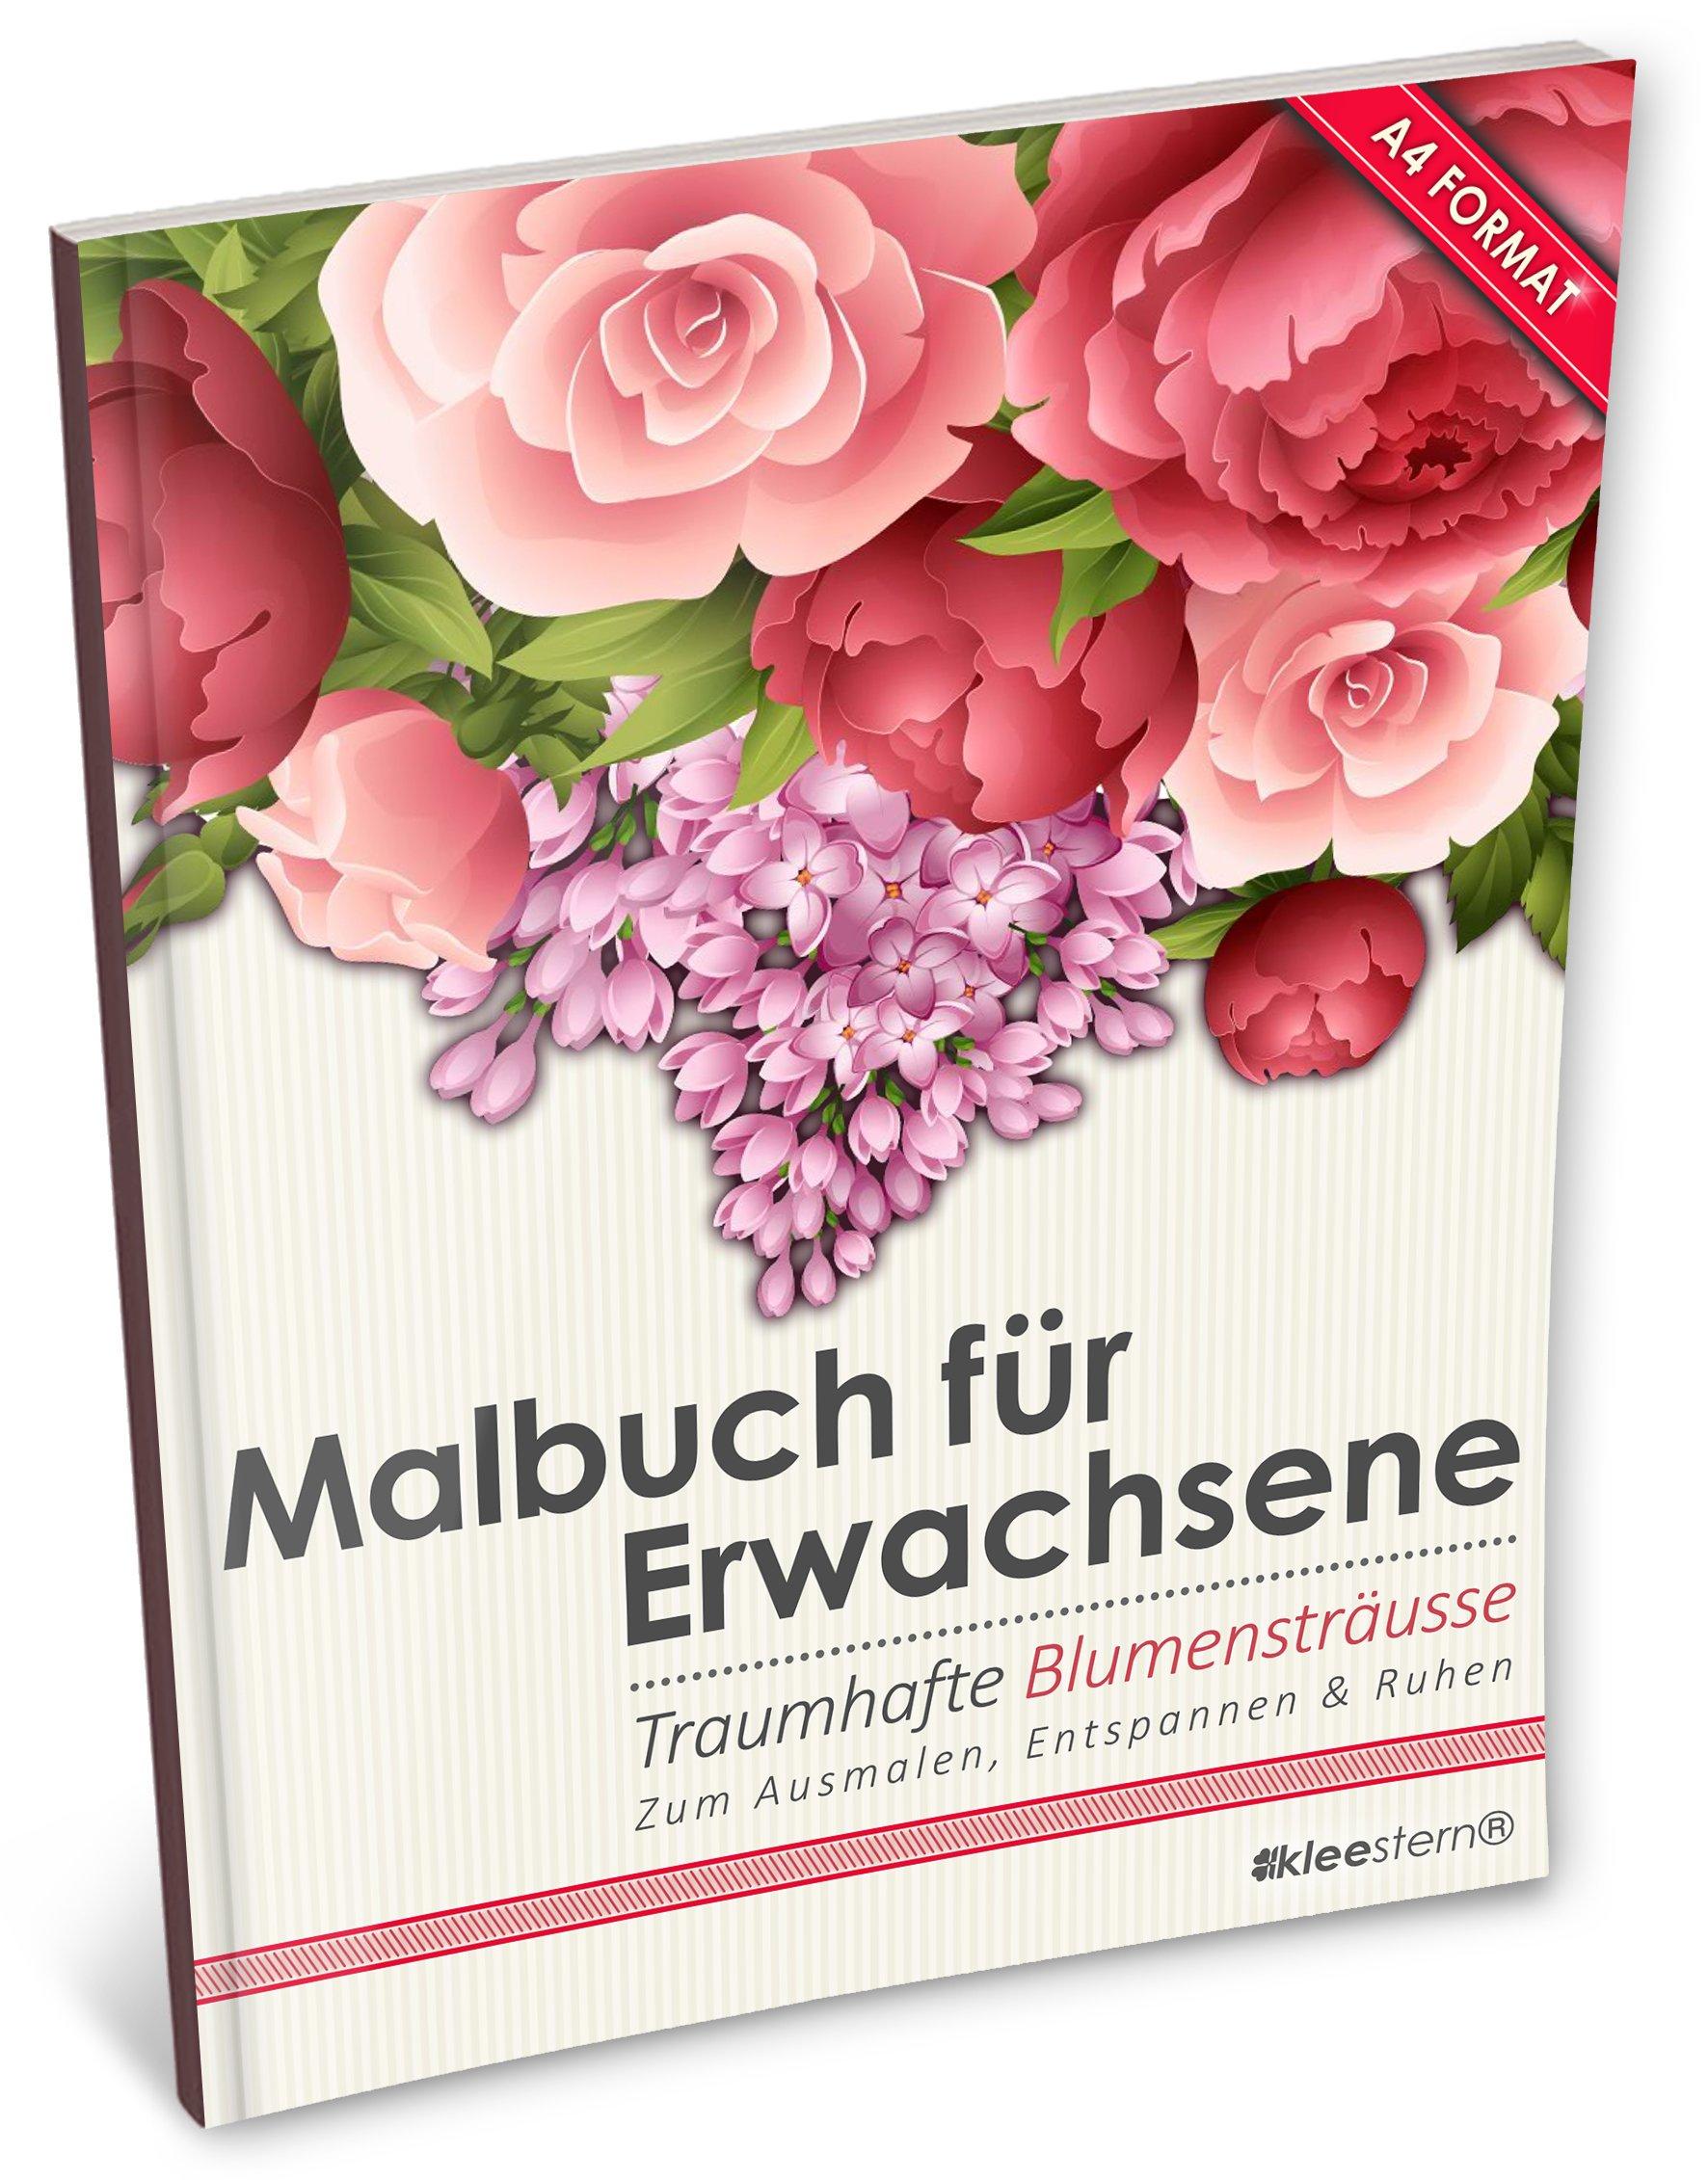 Malbuch für Erwachsene: Traumhafte Blumensträuße/Bouquets (Kleestern®, A4 Format, 40+ Motive) (A4 Malbuch für Erwachsene)